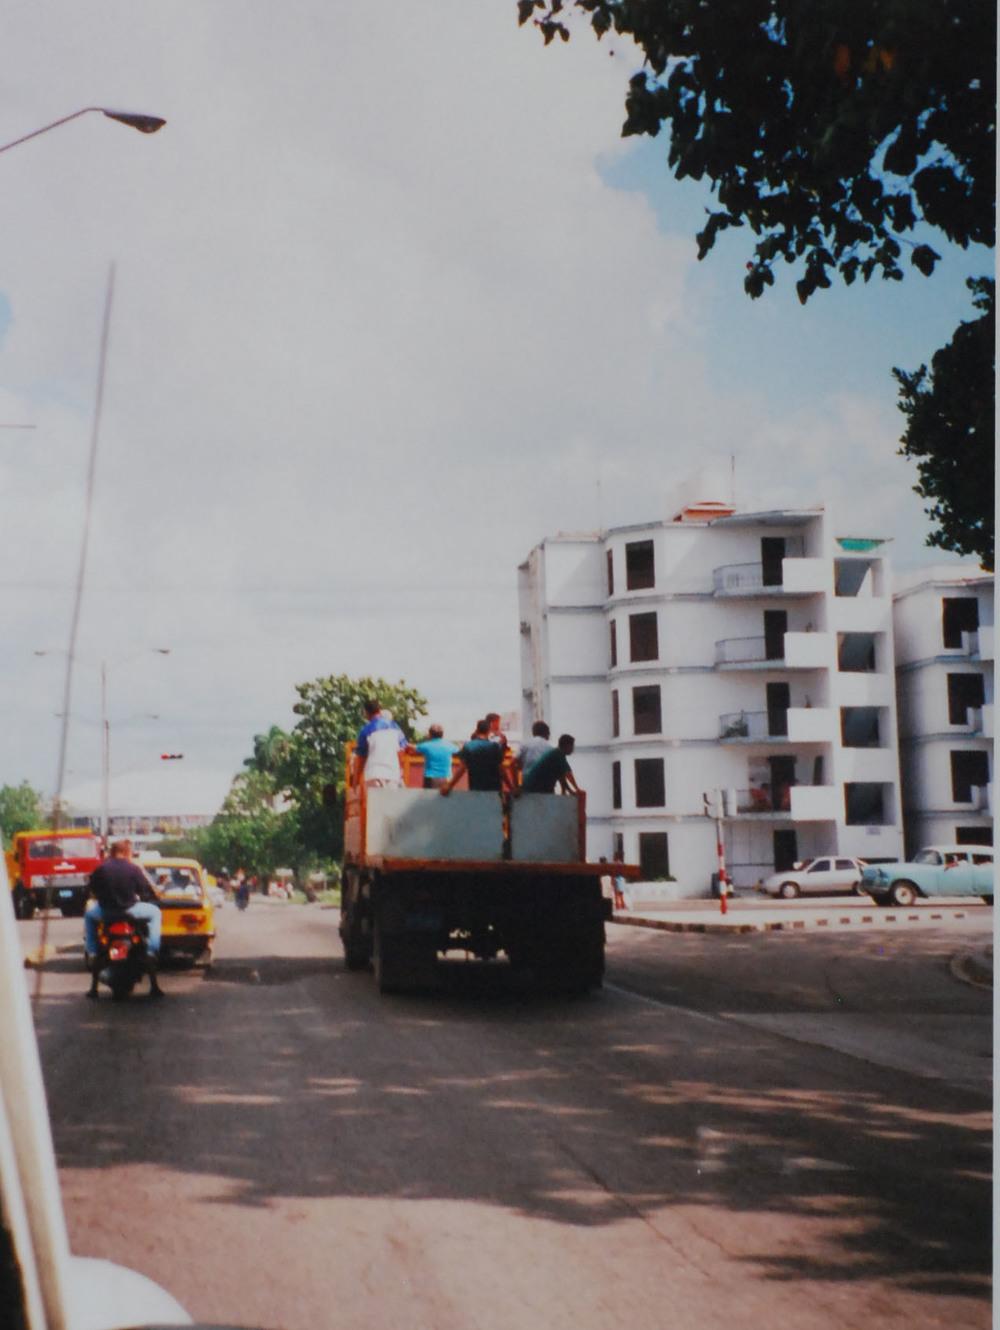 Cuba Traveling By truck.jpg